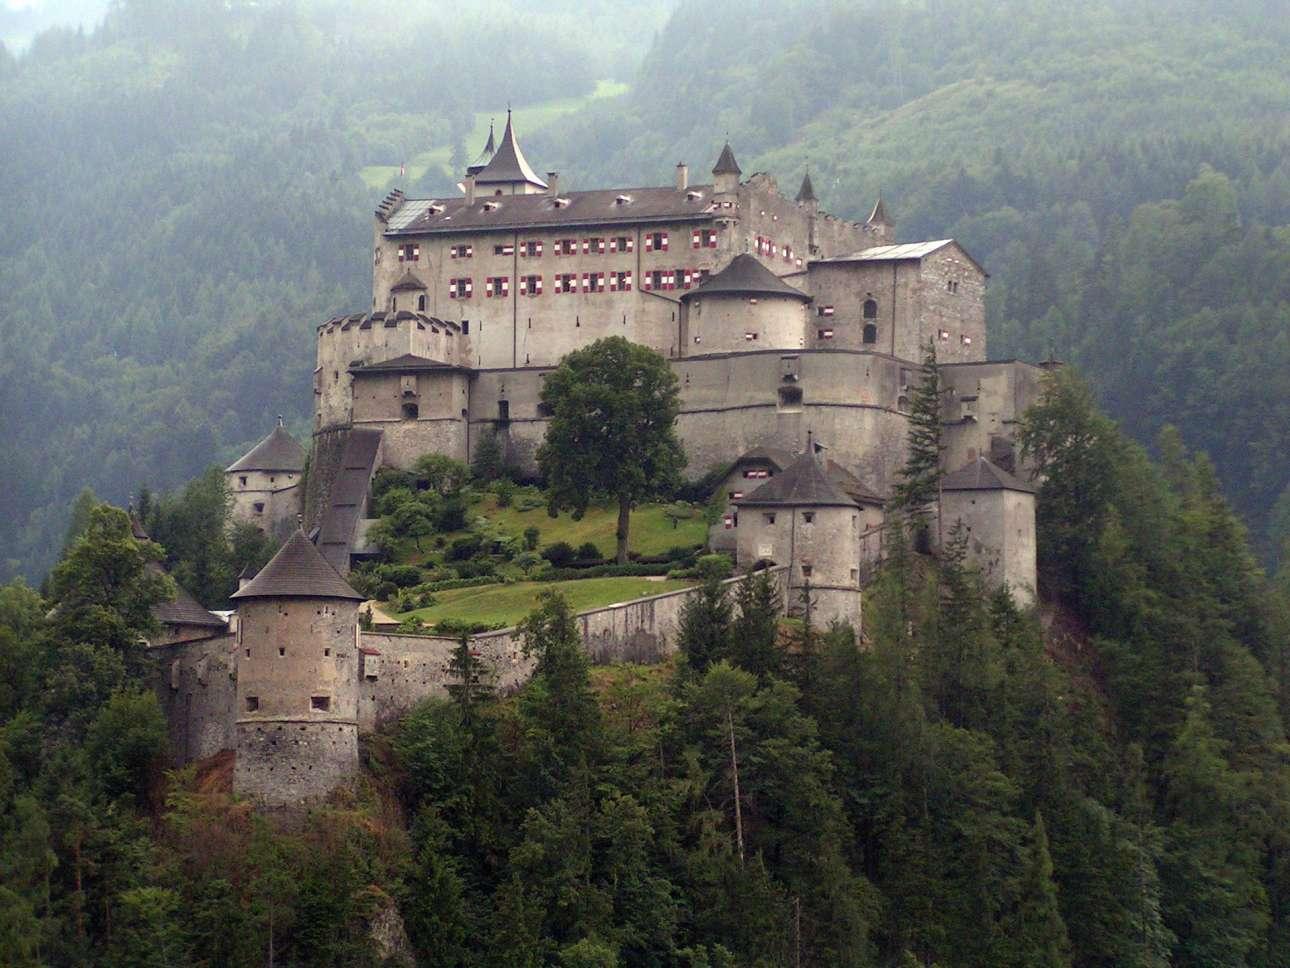 Festung_Hohenwerfen_Memorator_wiki